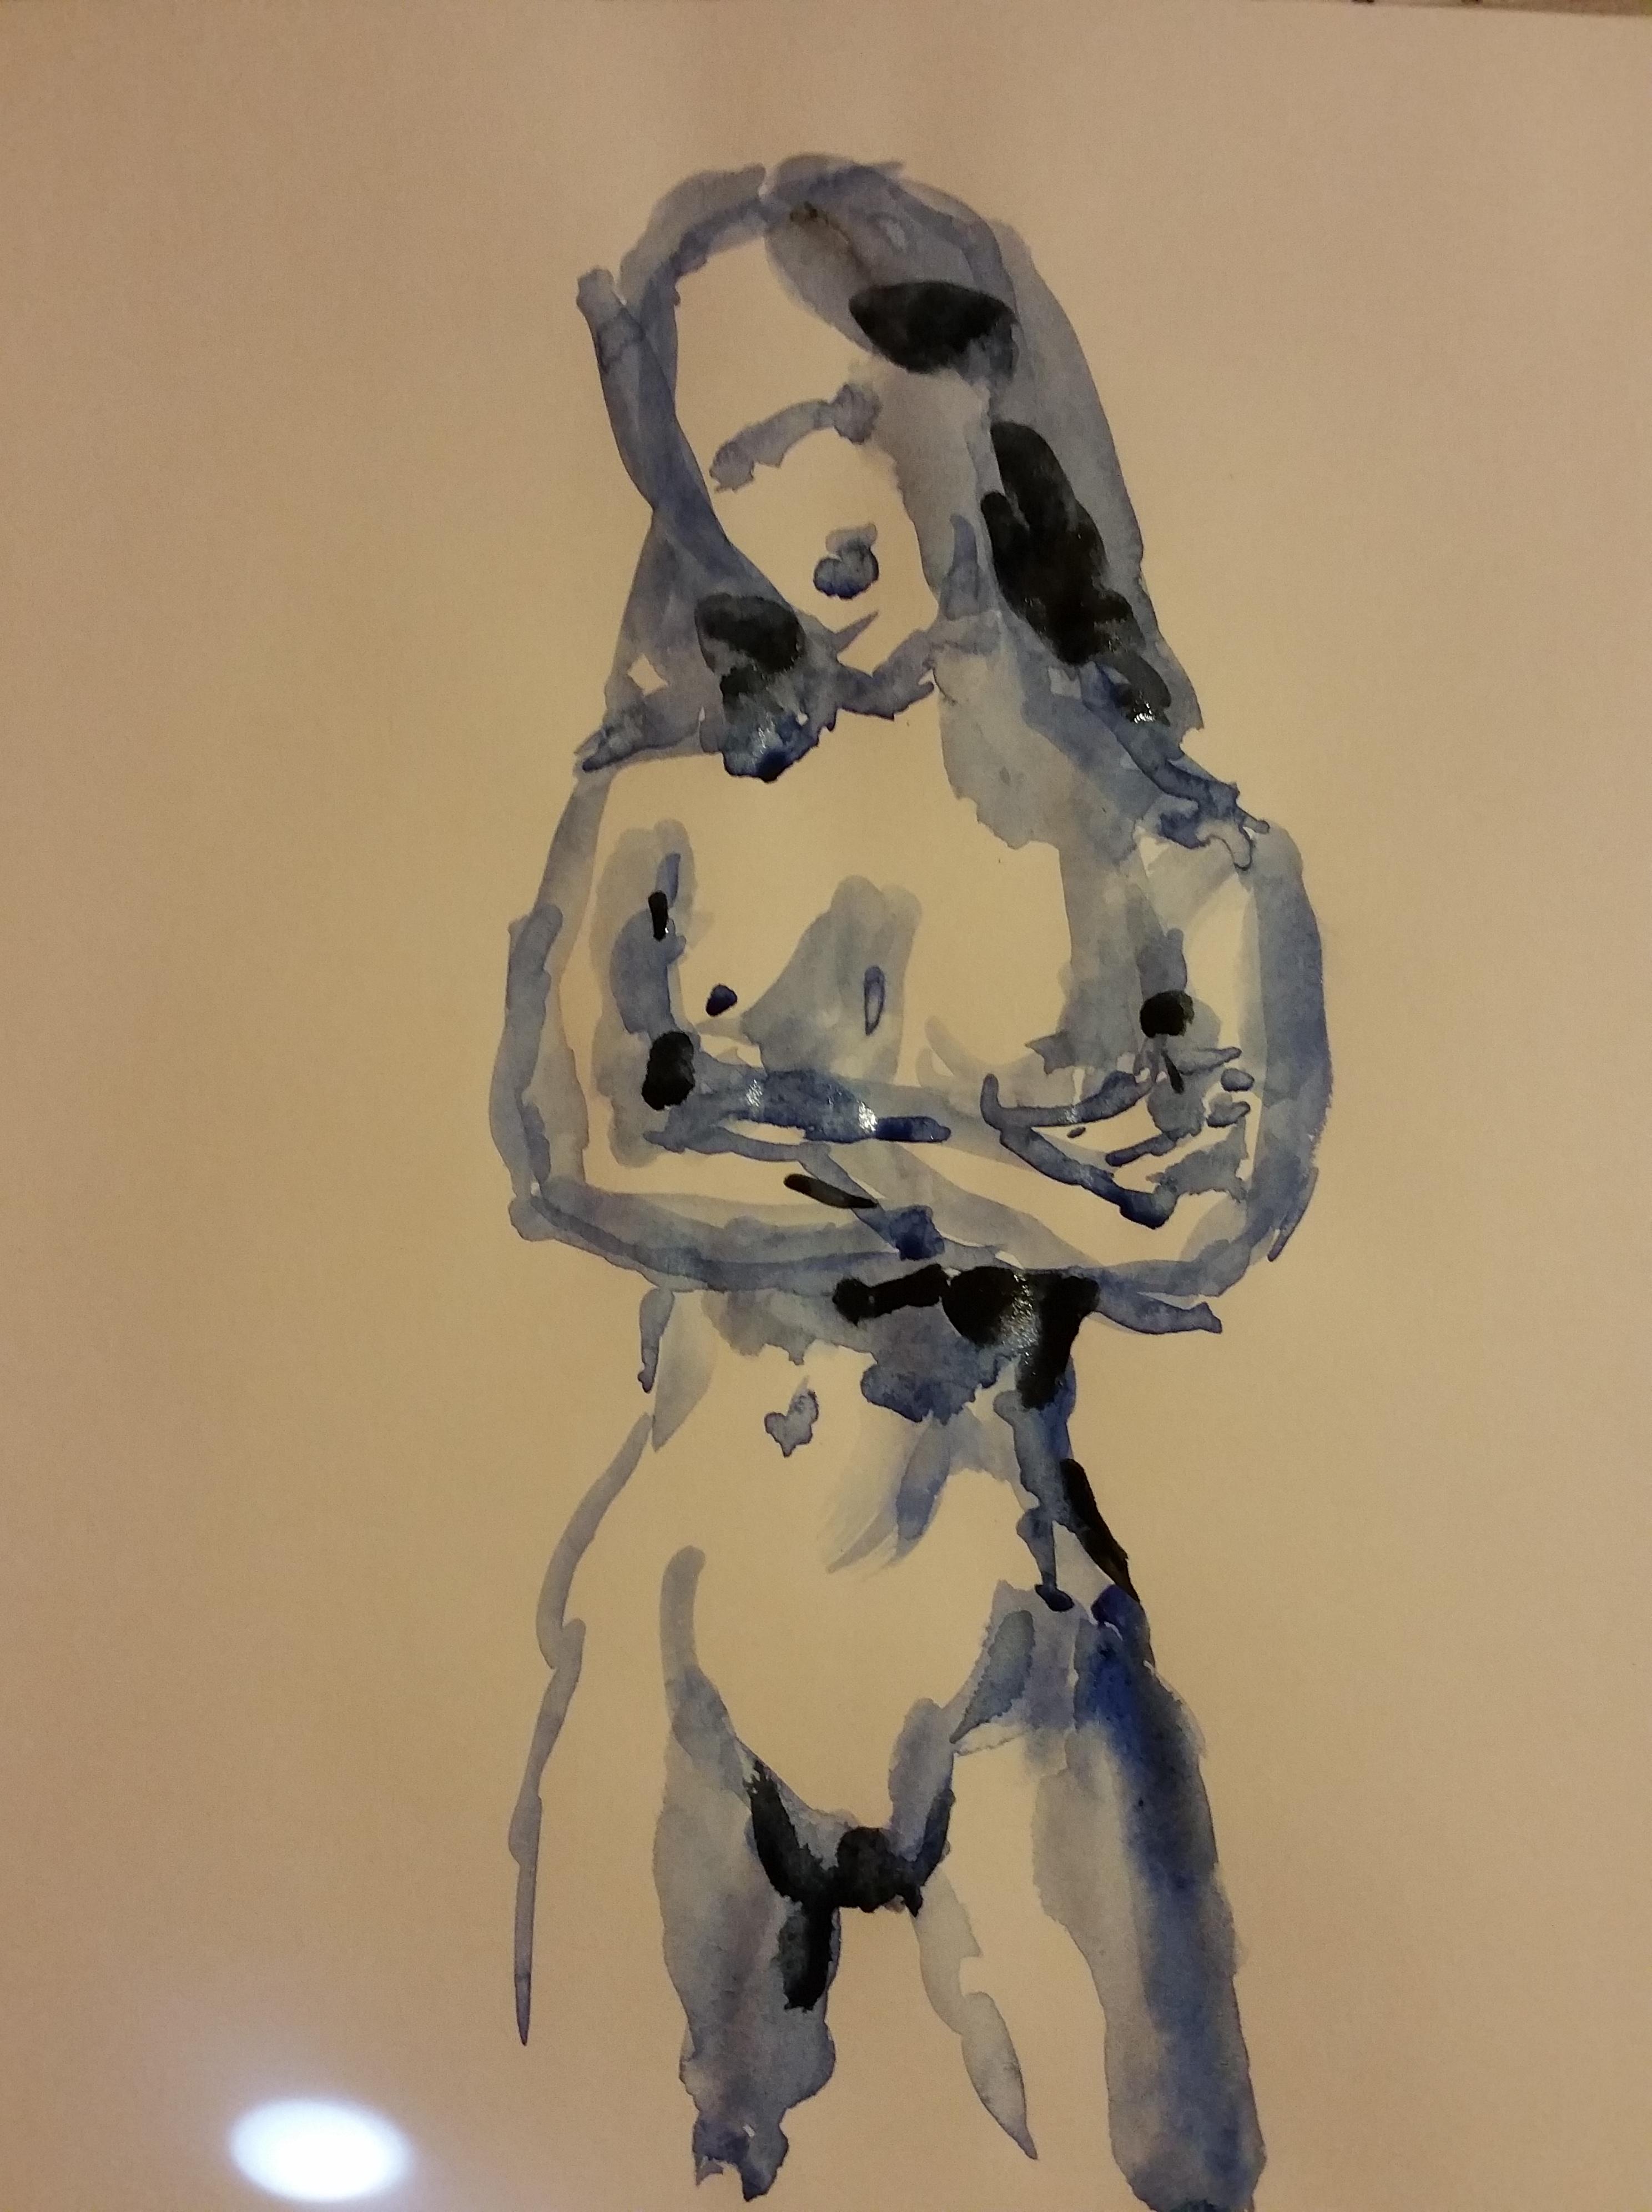 Dessin aquarelle face bleue femme bras crois�e nue  cours de dessin